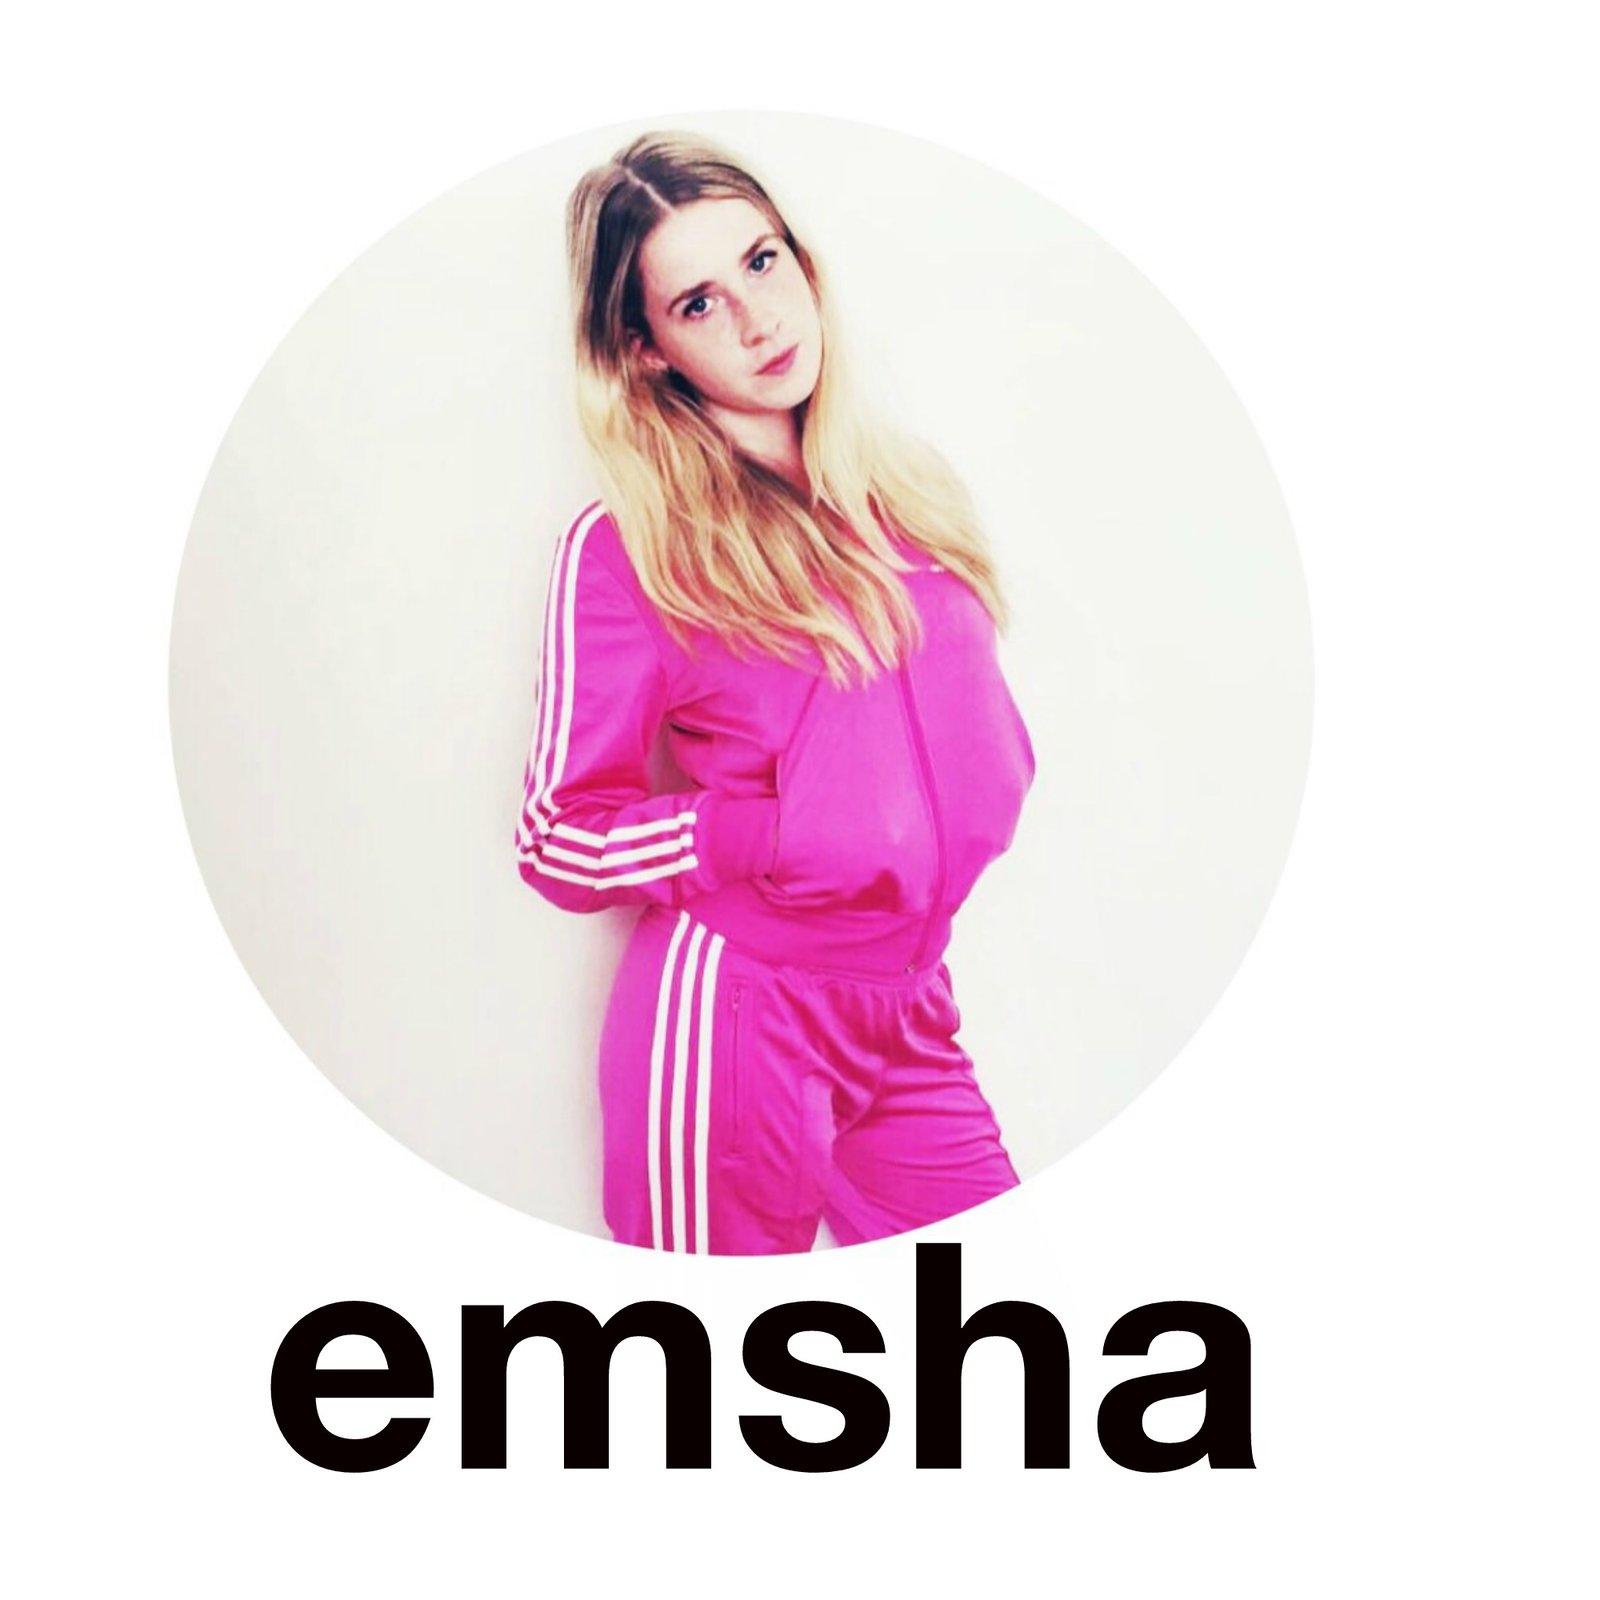 emsha